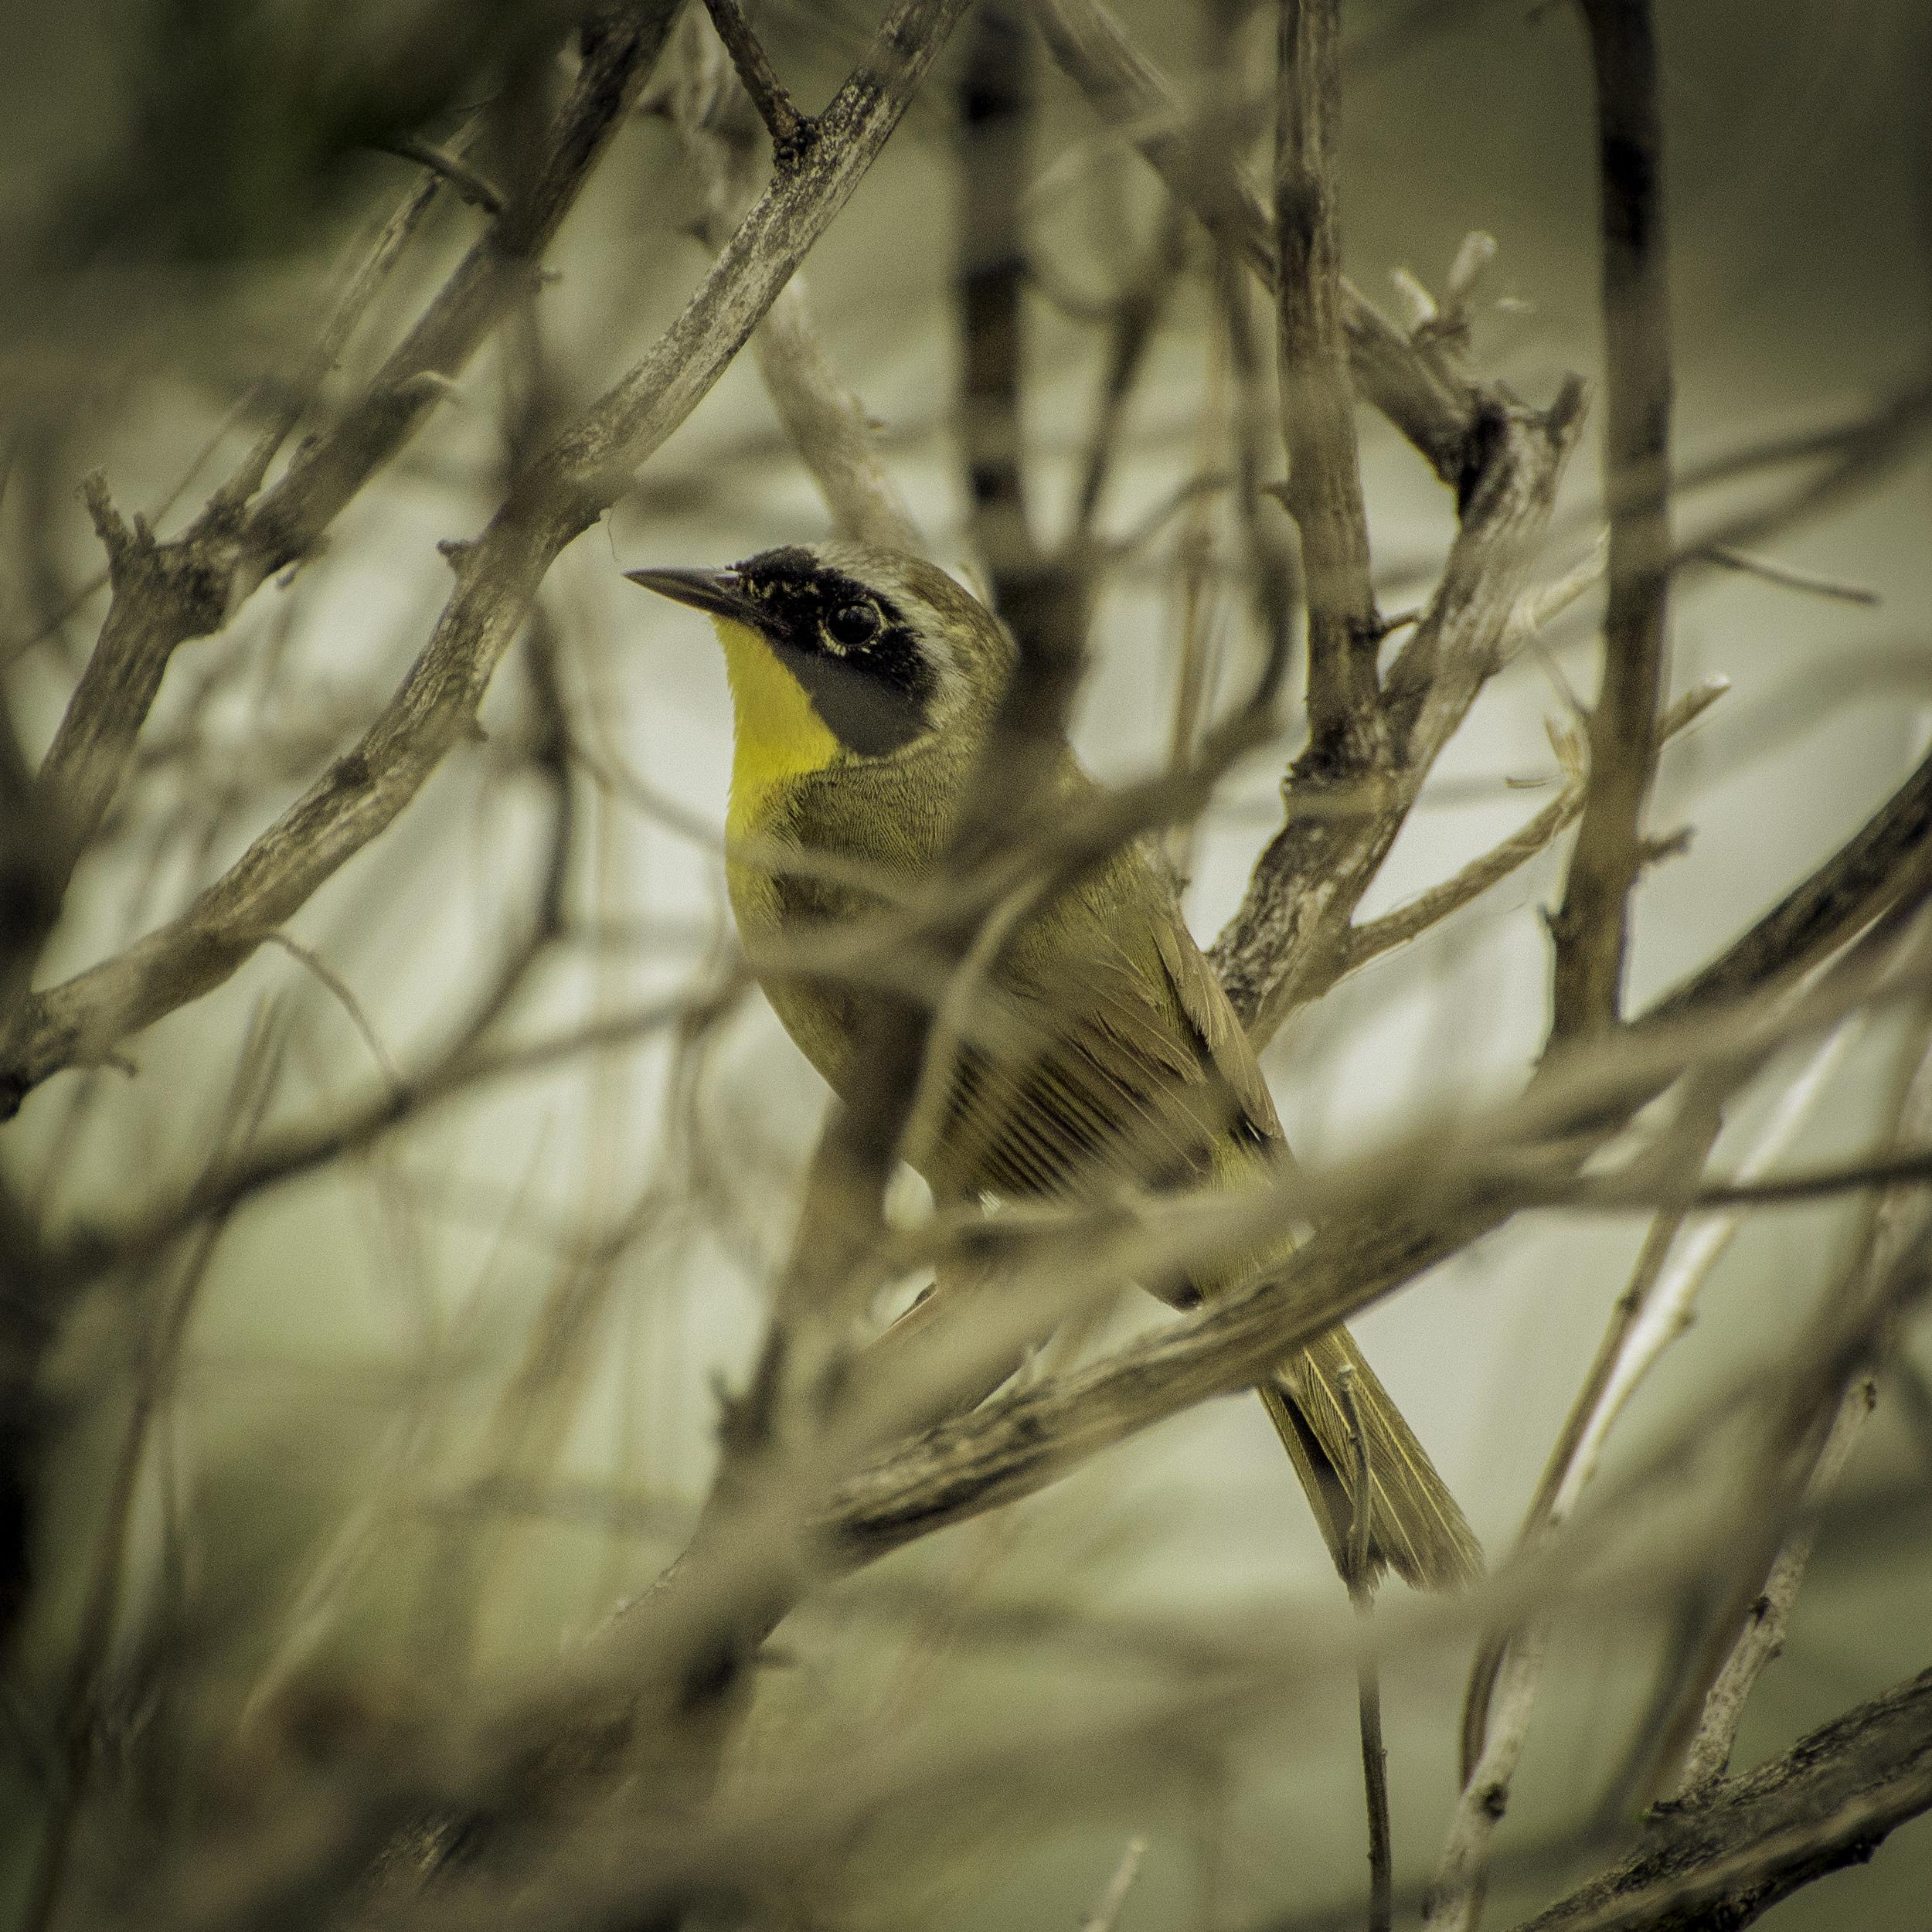 Common Yellowthroat (Hammonassett, Connecticut)